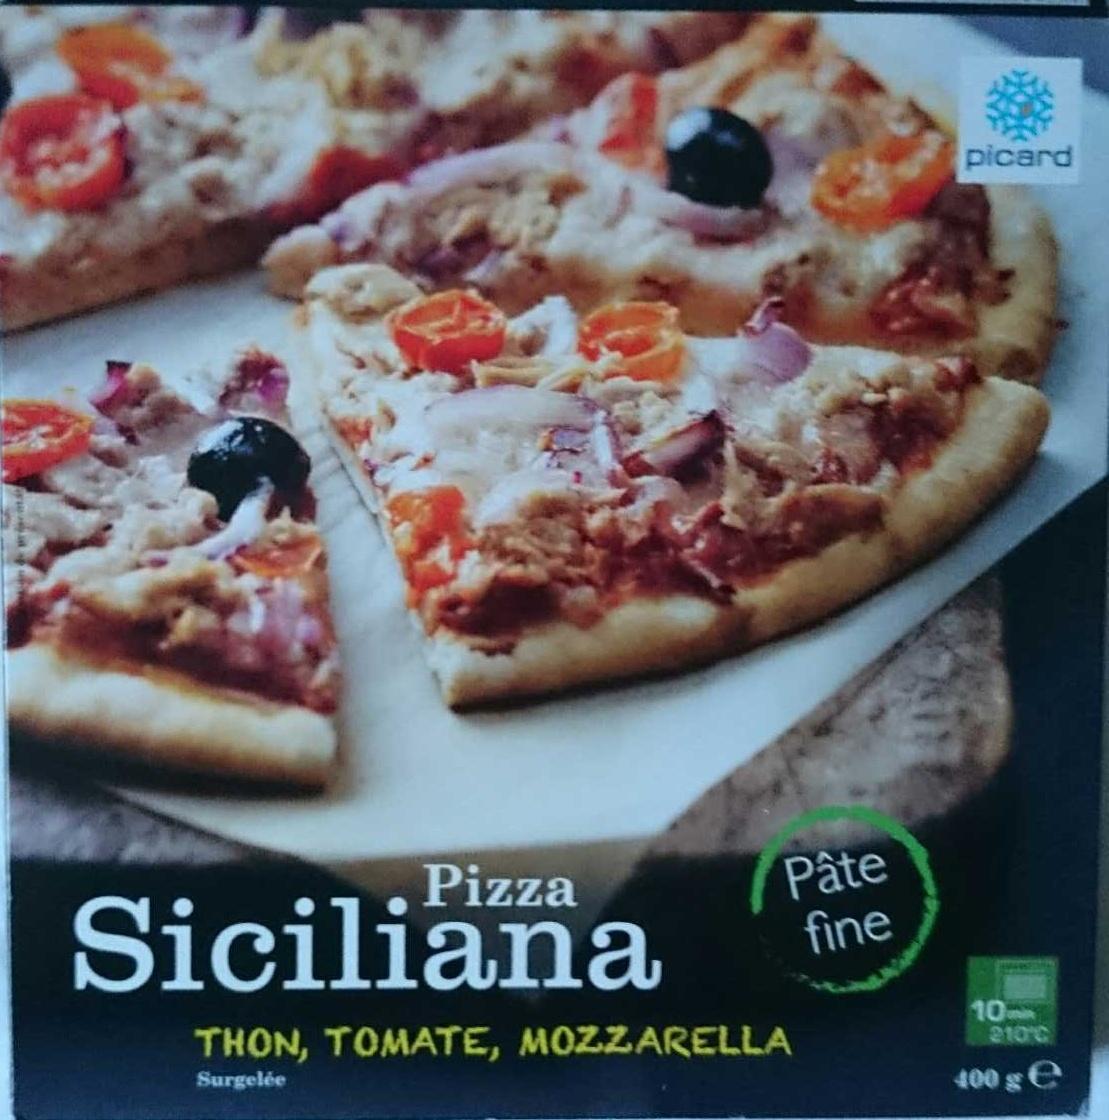 Pizza Siciliana (thon, tomate, mozzarella) - Produit